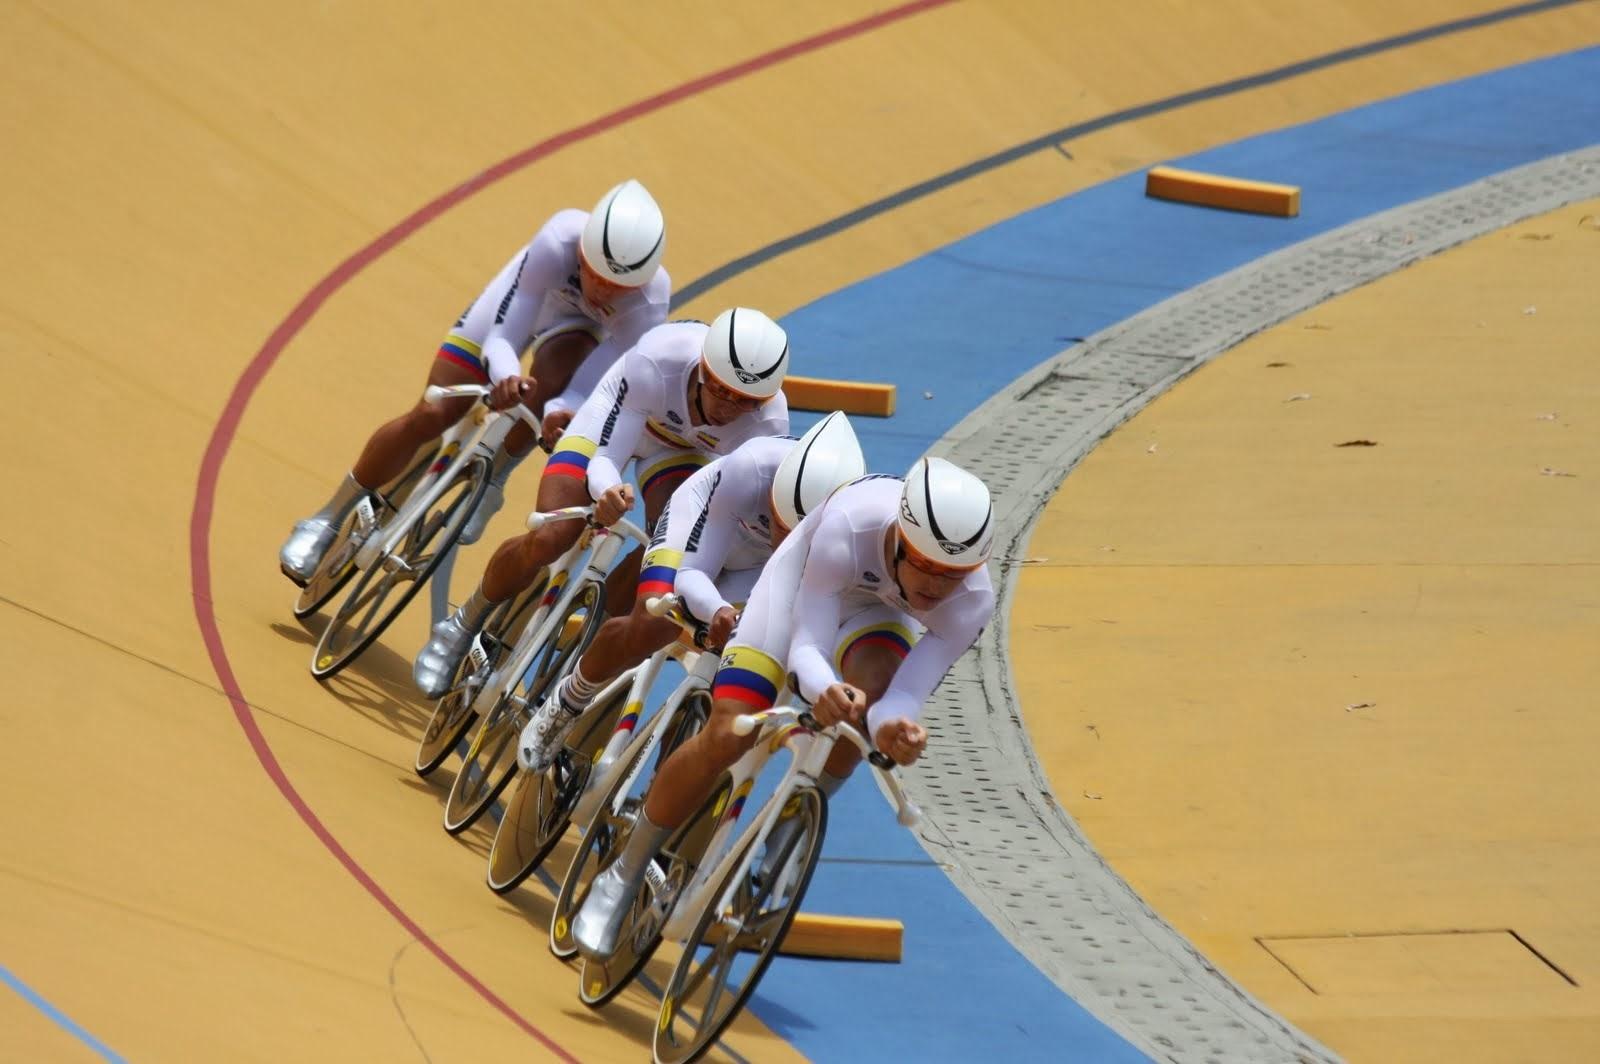 Programación para el Mundial de Ciclismo de Pista Cali 2014 y nuevas marcas